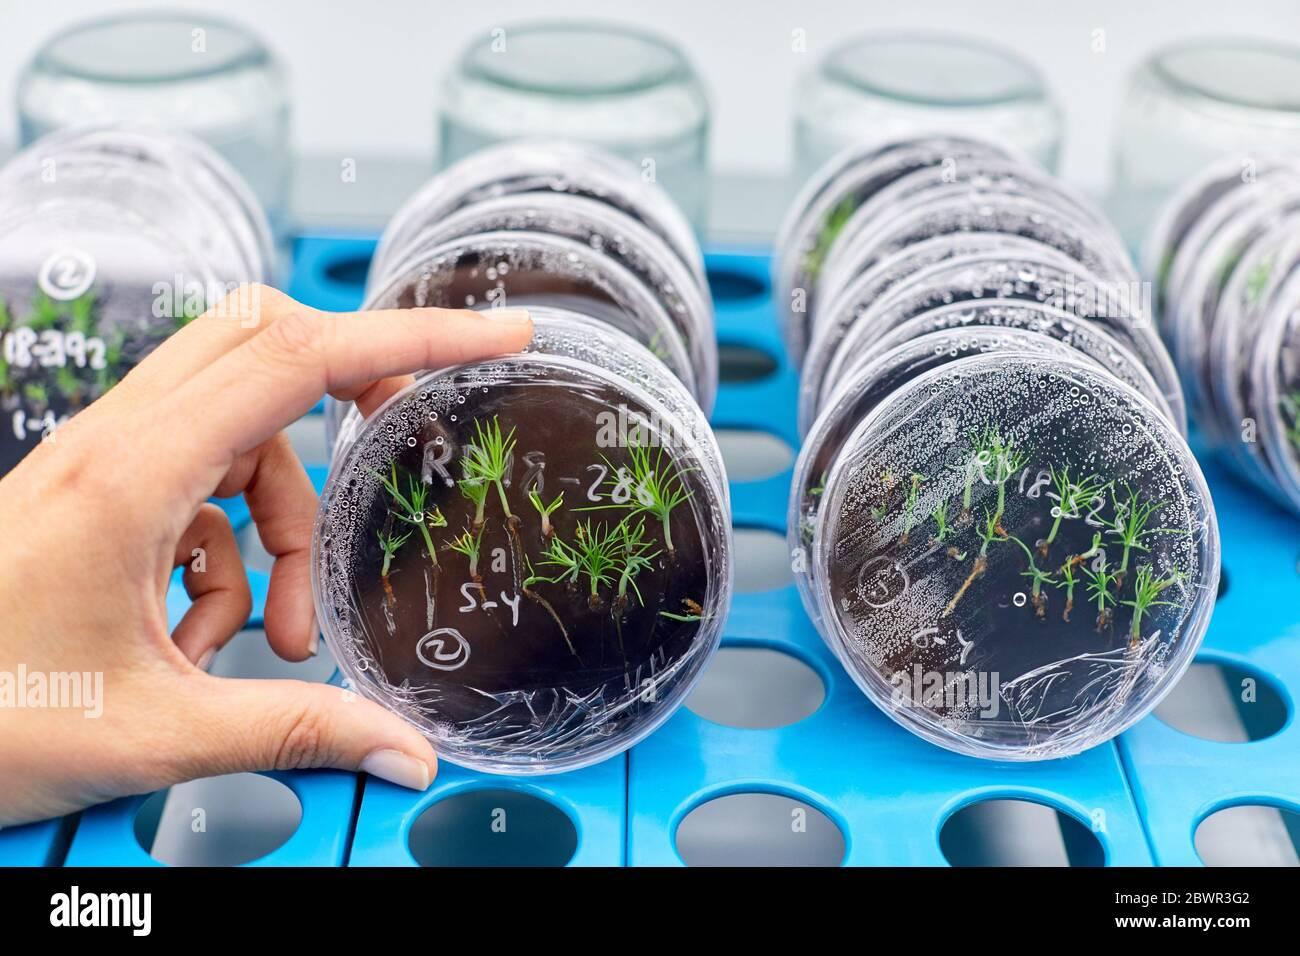 Chambre de culture in vitro, recherche forestière et environnementale, Araba, pays basque, Espagne Banque D'Images